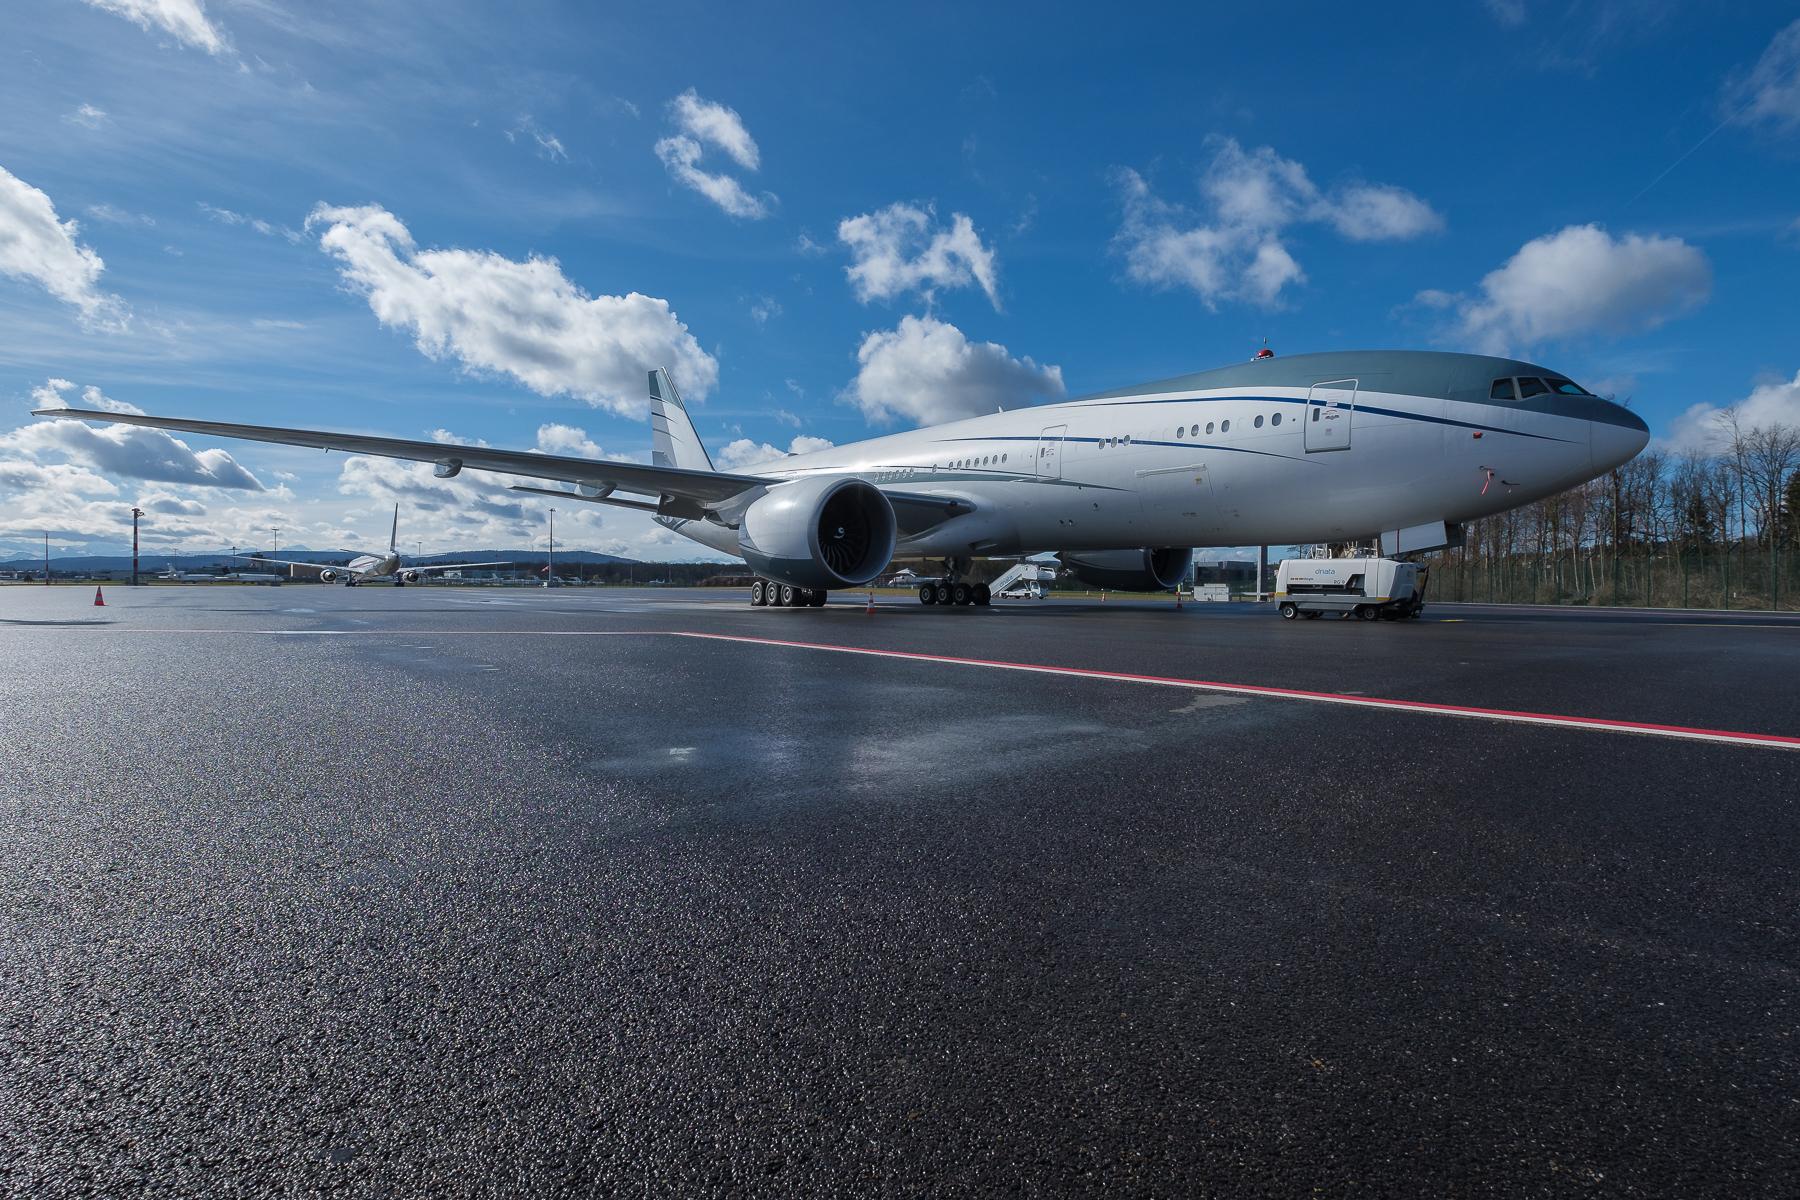 Flughafen Zürich-Kloten AFZ-Tour vom 16. März 2019